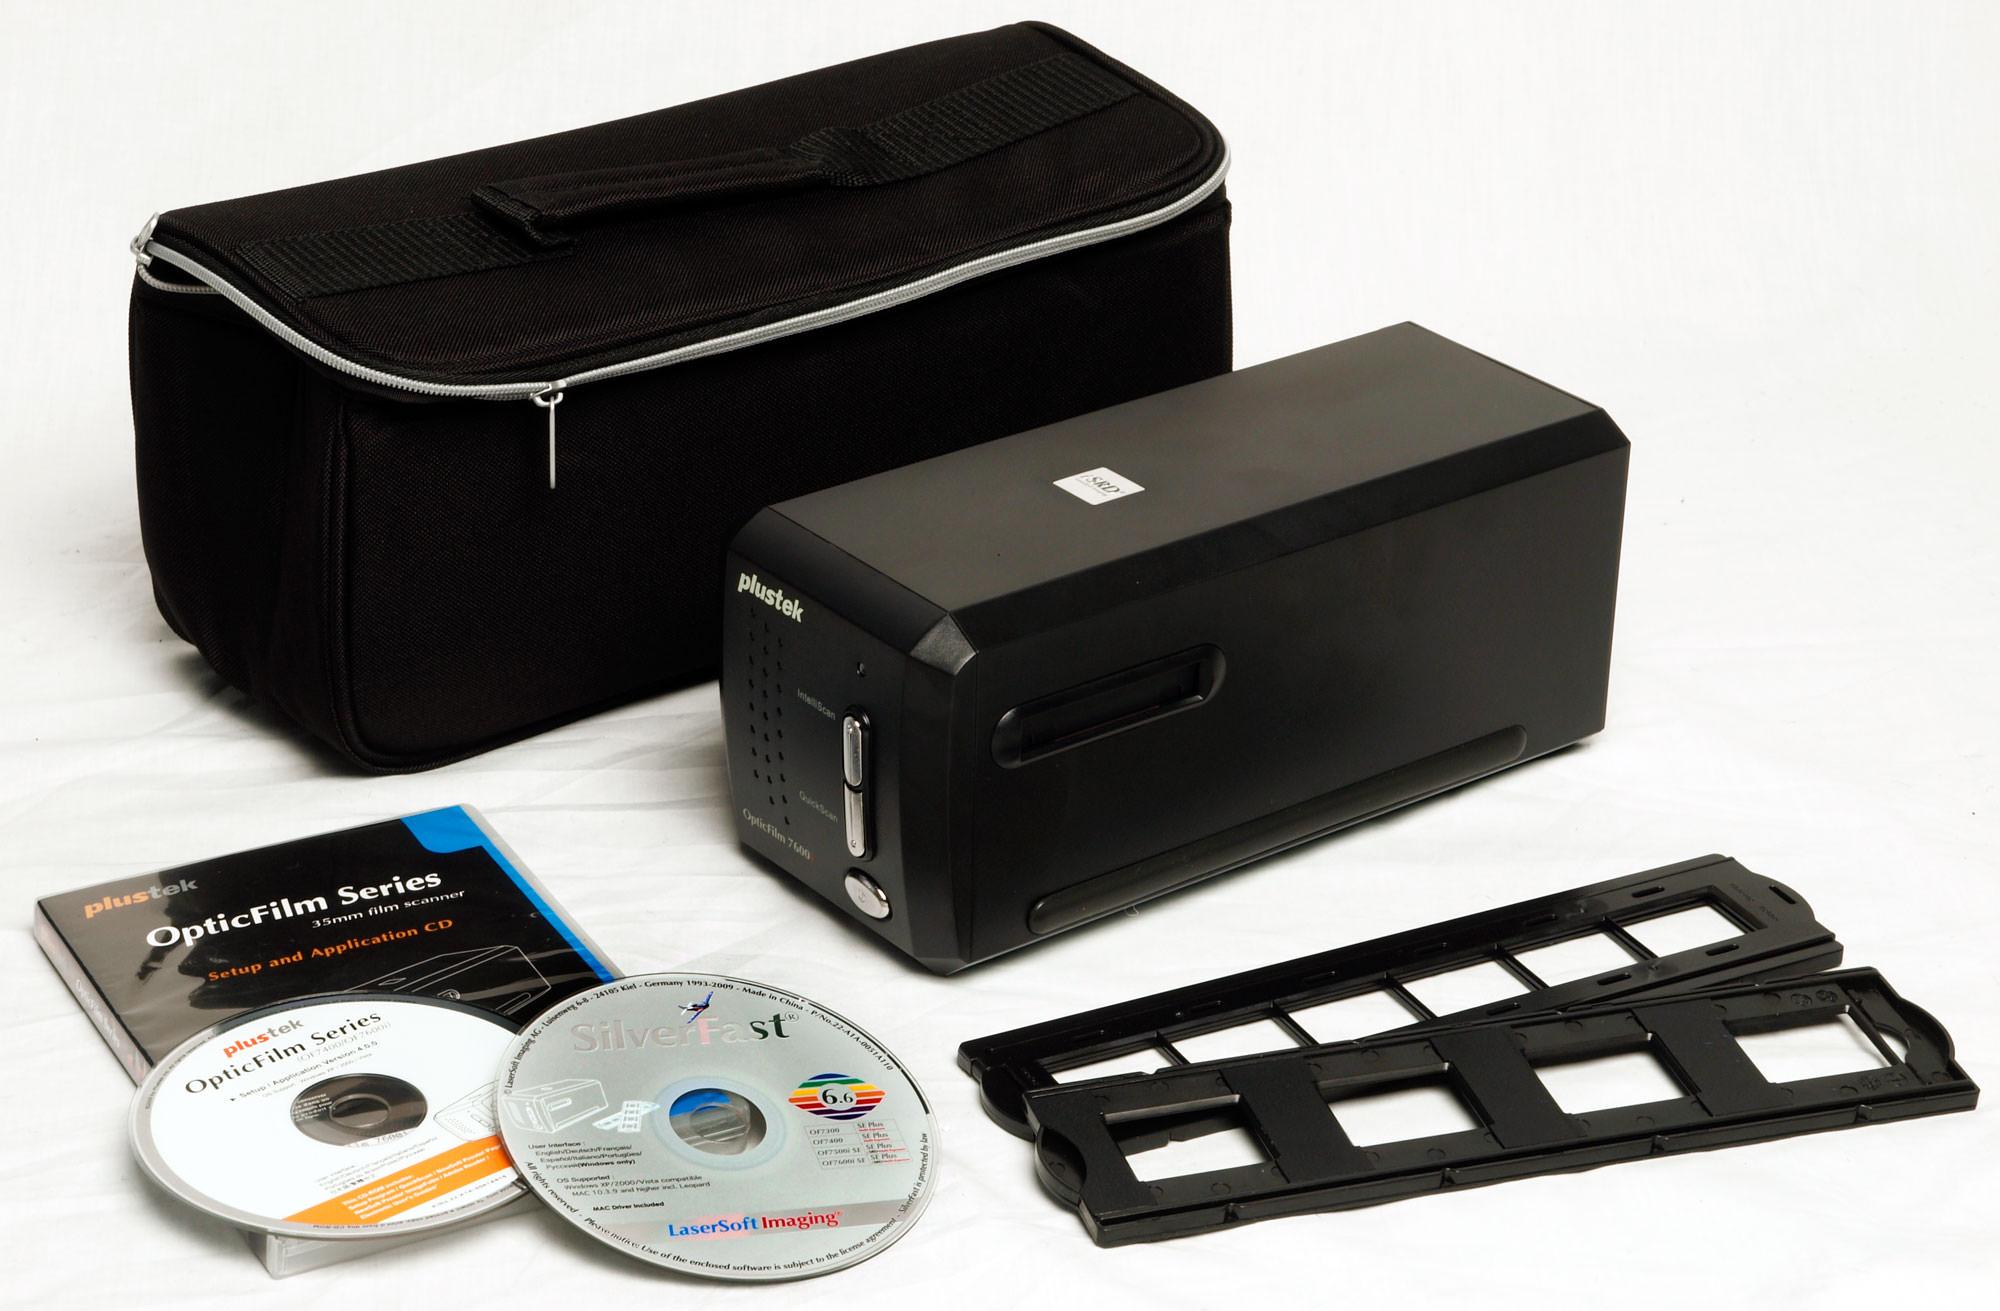 Opticfilm 7200i